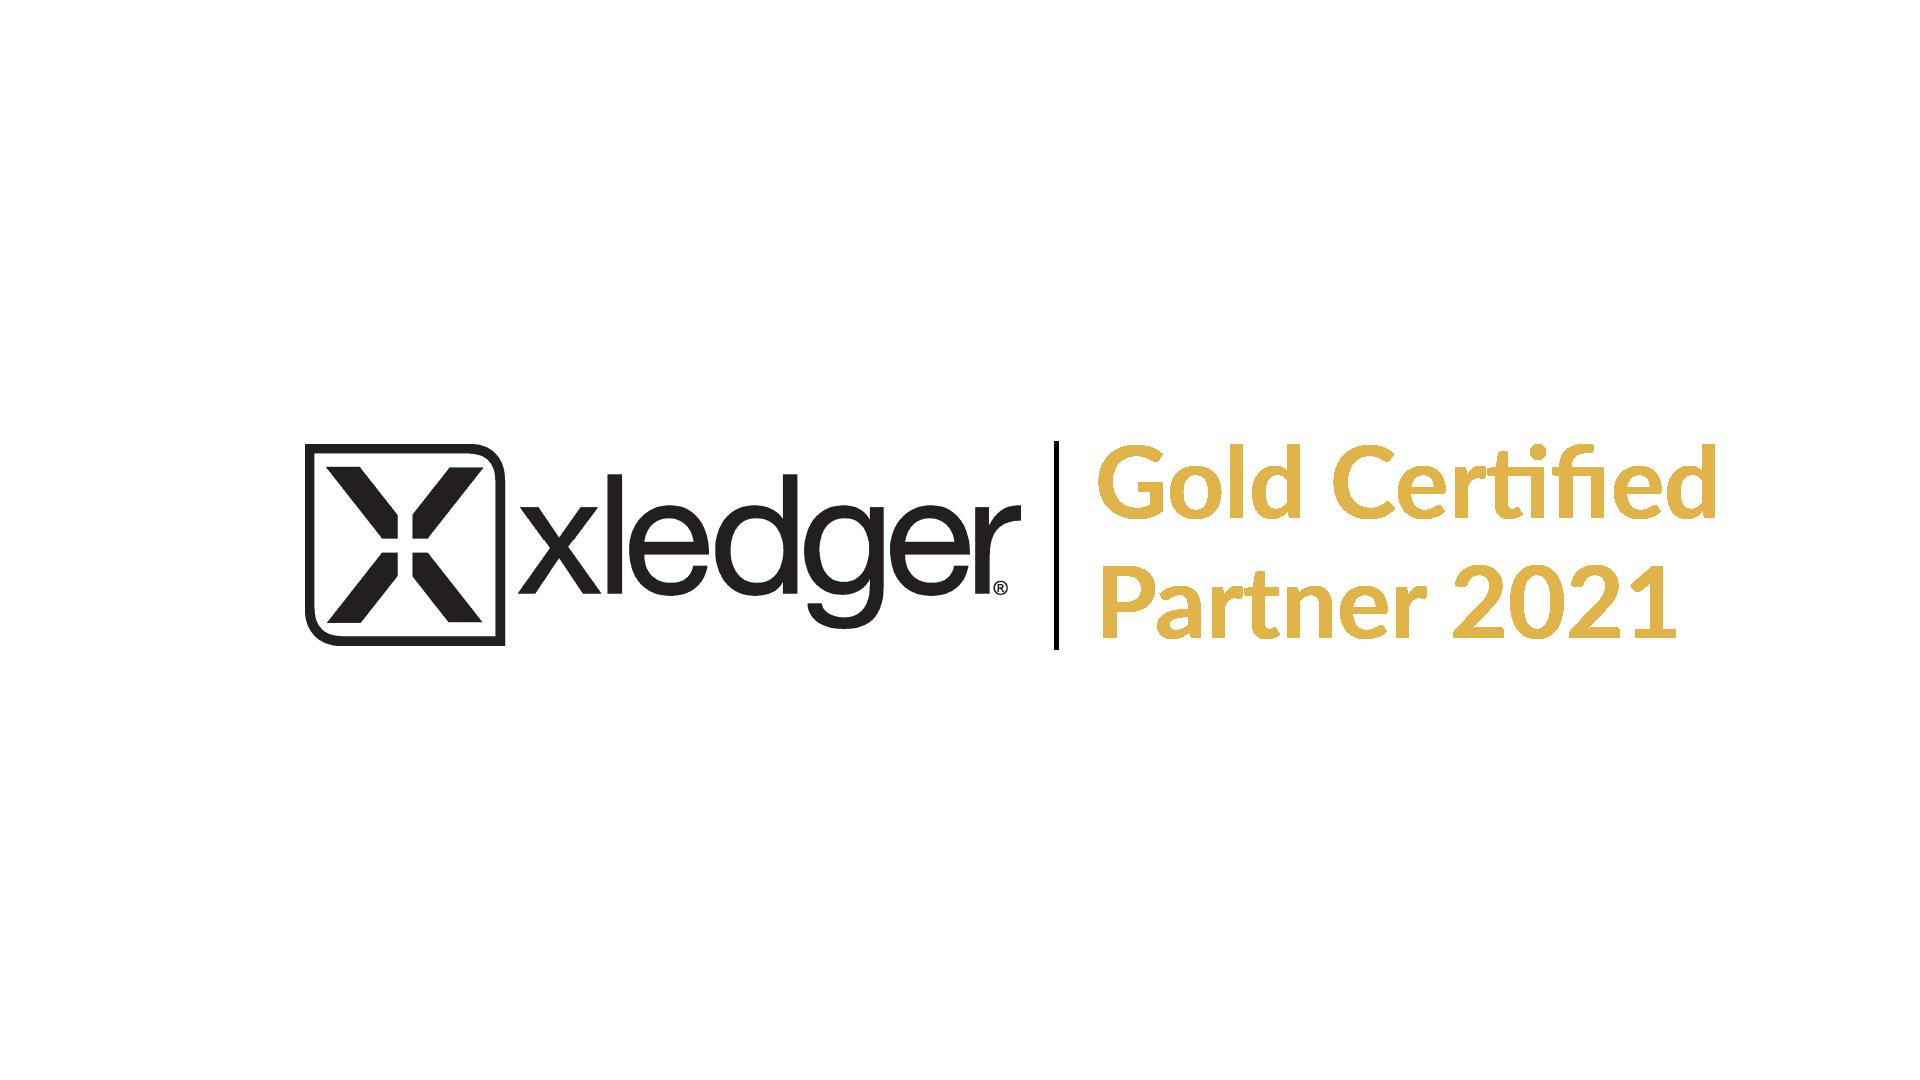 Xledger Gold partner 2021 V6